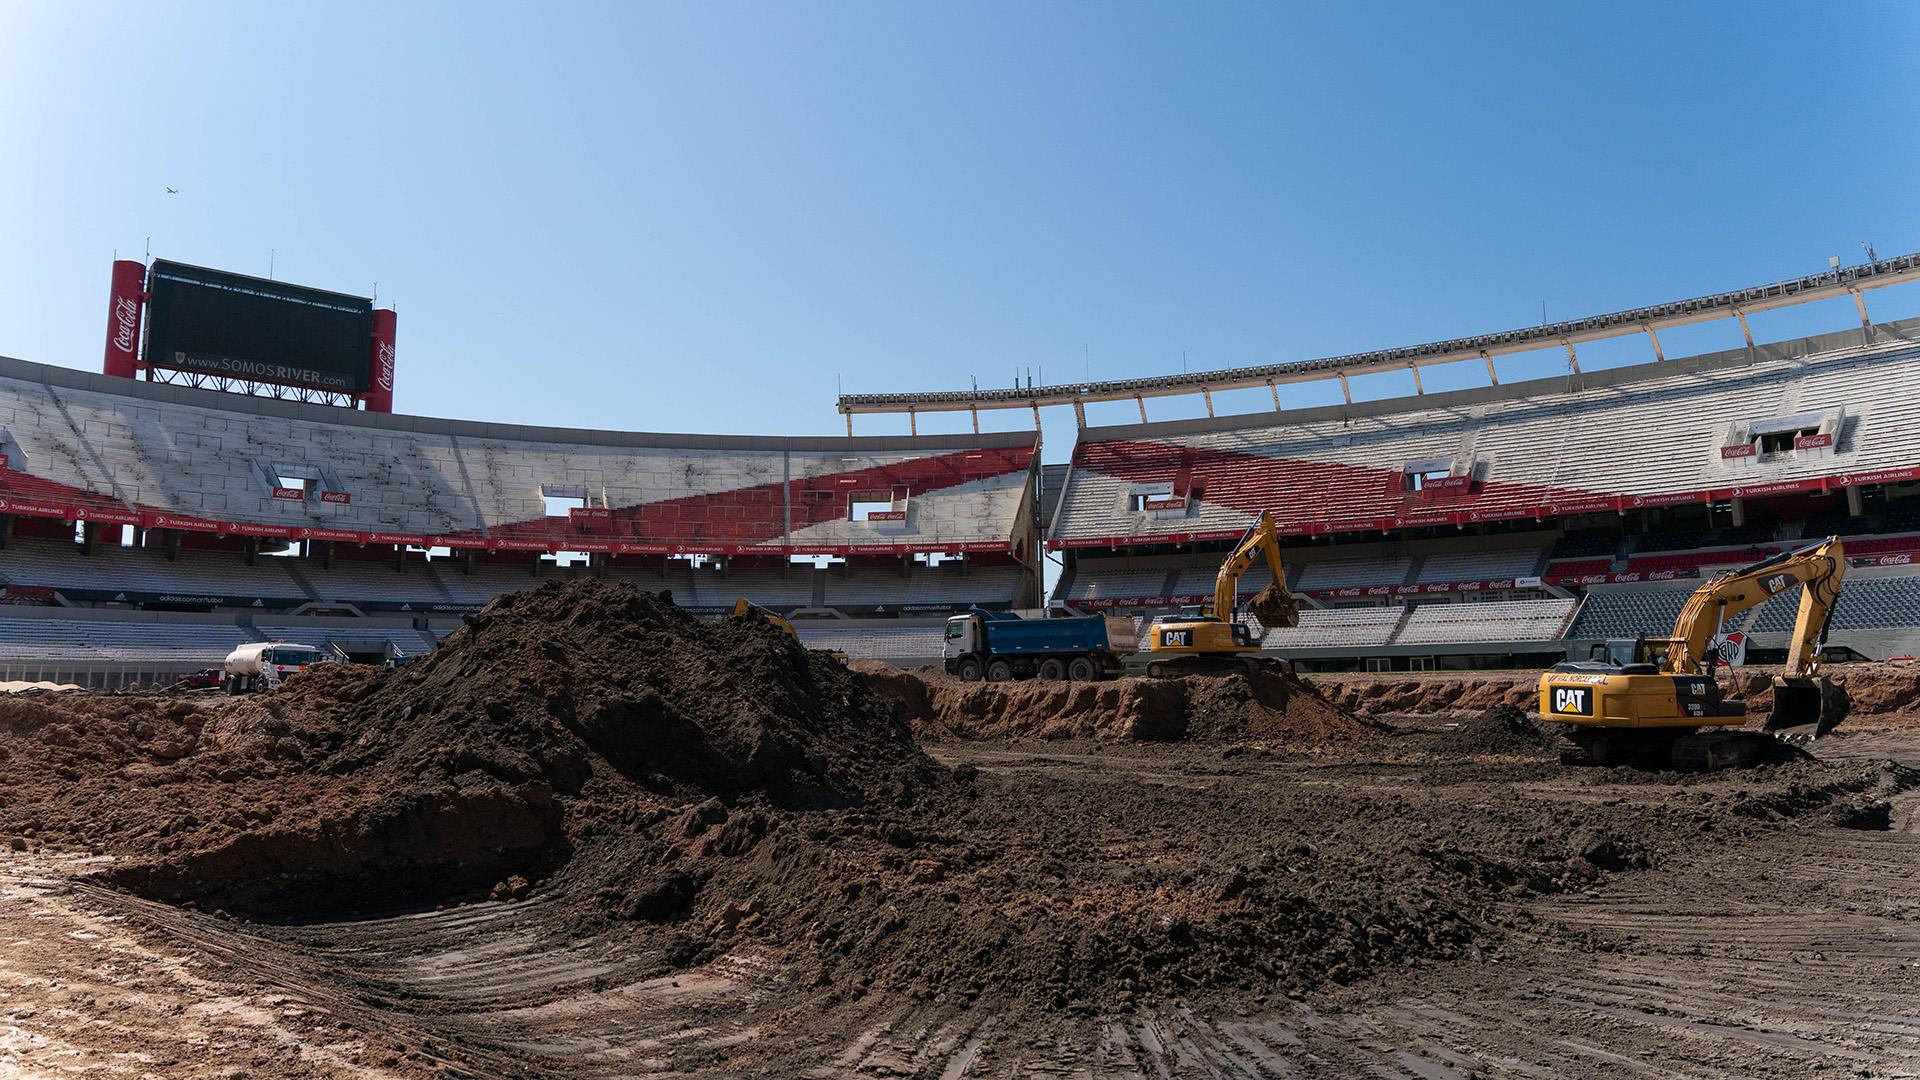 Los cambios más significativos que se pueden apreciar hasta el momento son la renovación absoluta del pasto, la eliminación de la pista de atletismo y las excavaciones para bajar el nivel de la cancha